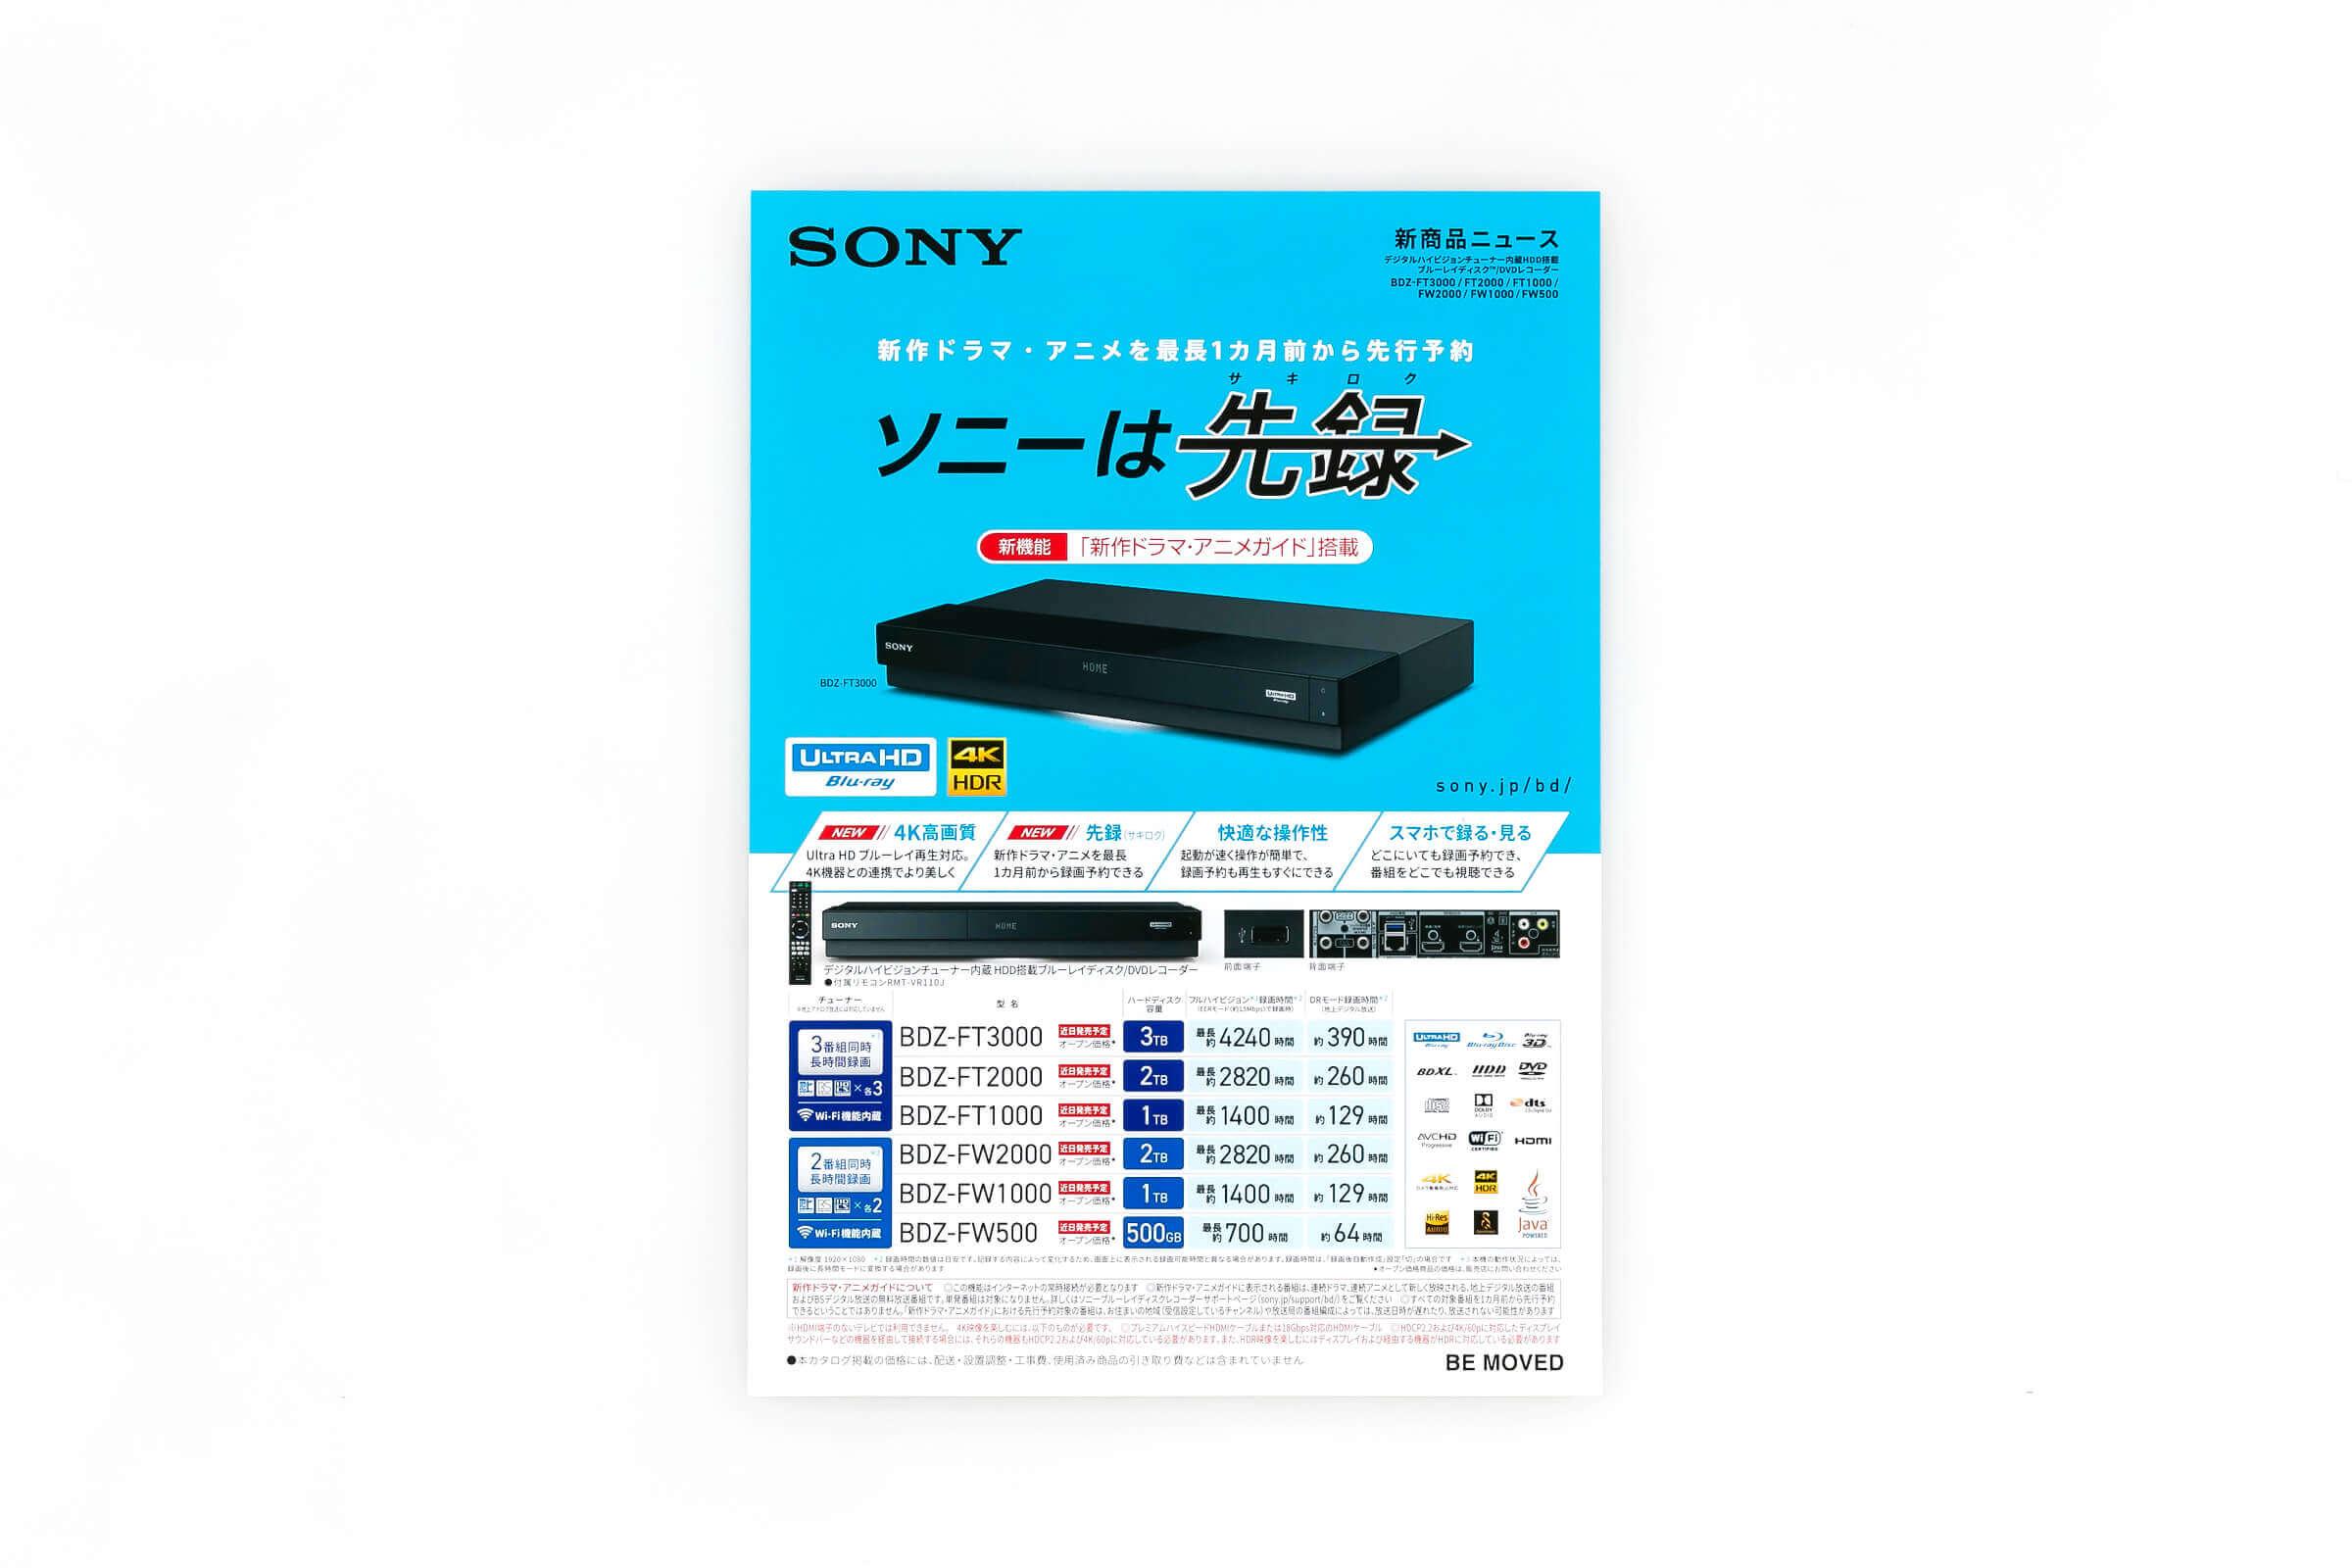 ブルーレイディスク/DVDレコーダー2018年新商品ニュース 表面